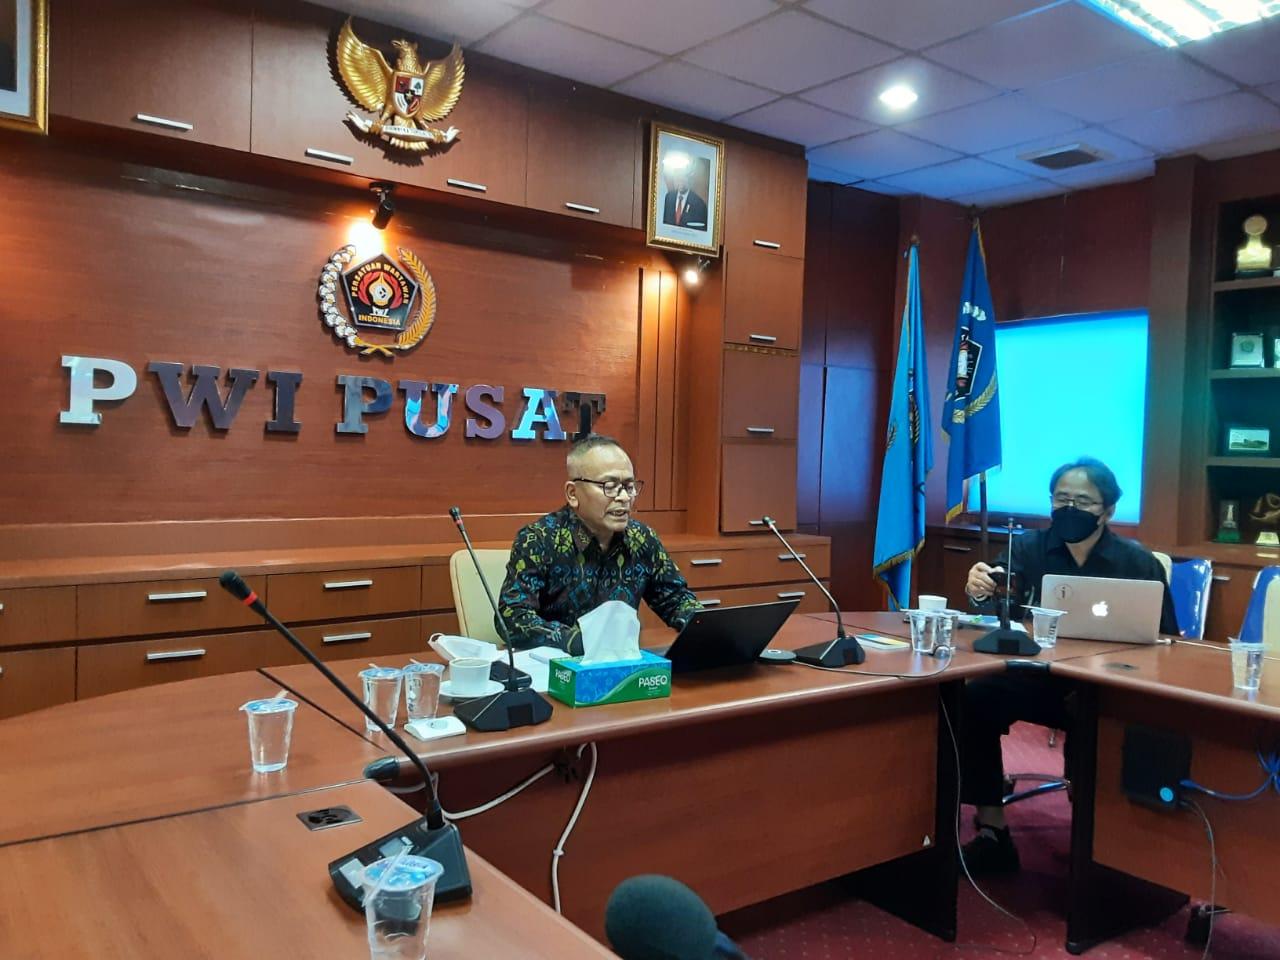 Kerjasama 10 Tahun, PWI Pusat dan Astra Indonesia Kembali Gelar Safari Jurnalistik